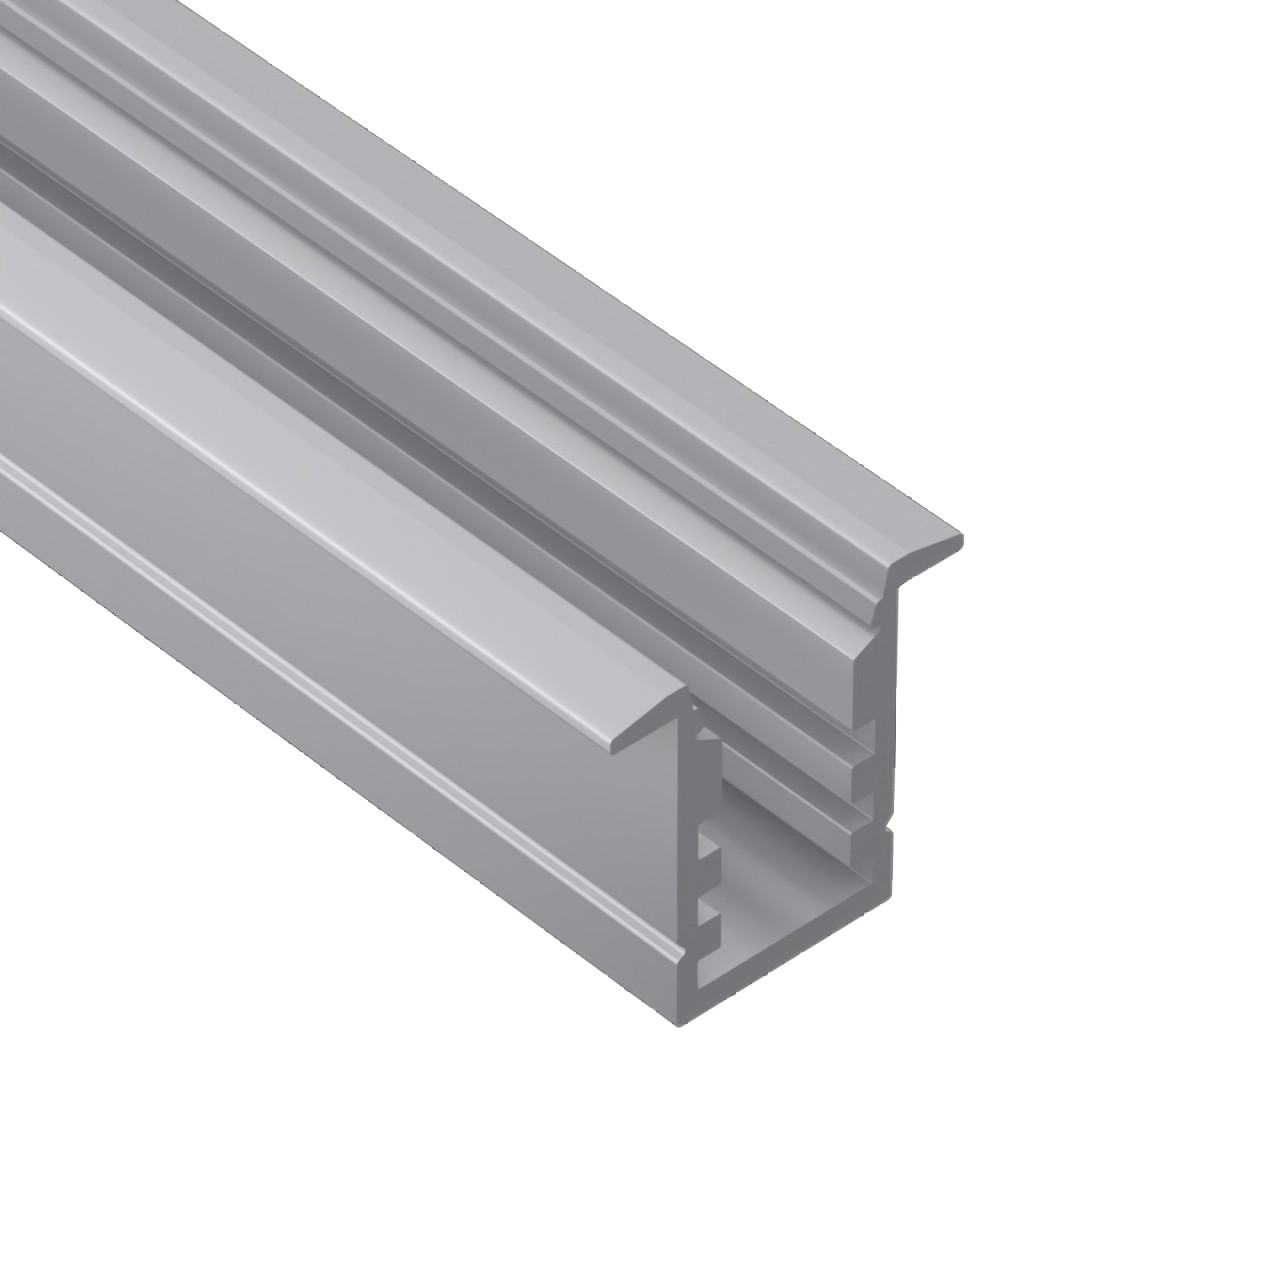 Perfil AR7 recesso levou alumínio